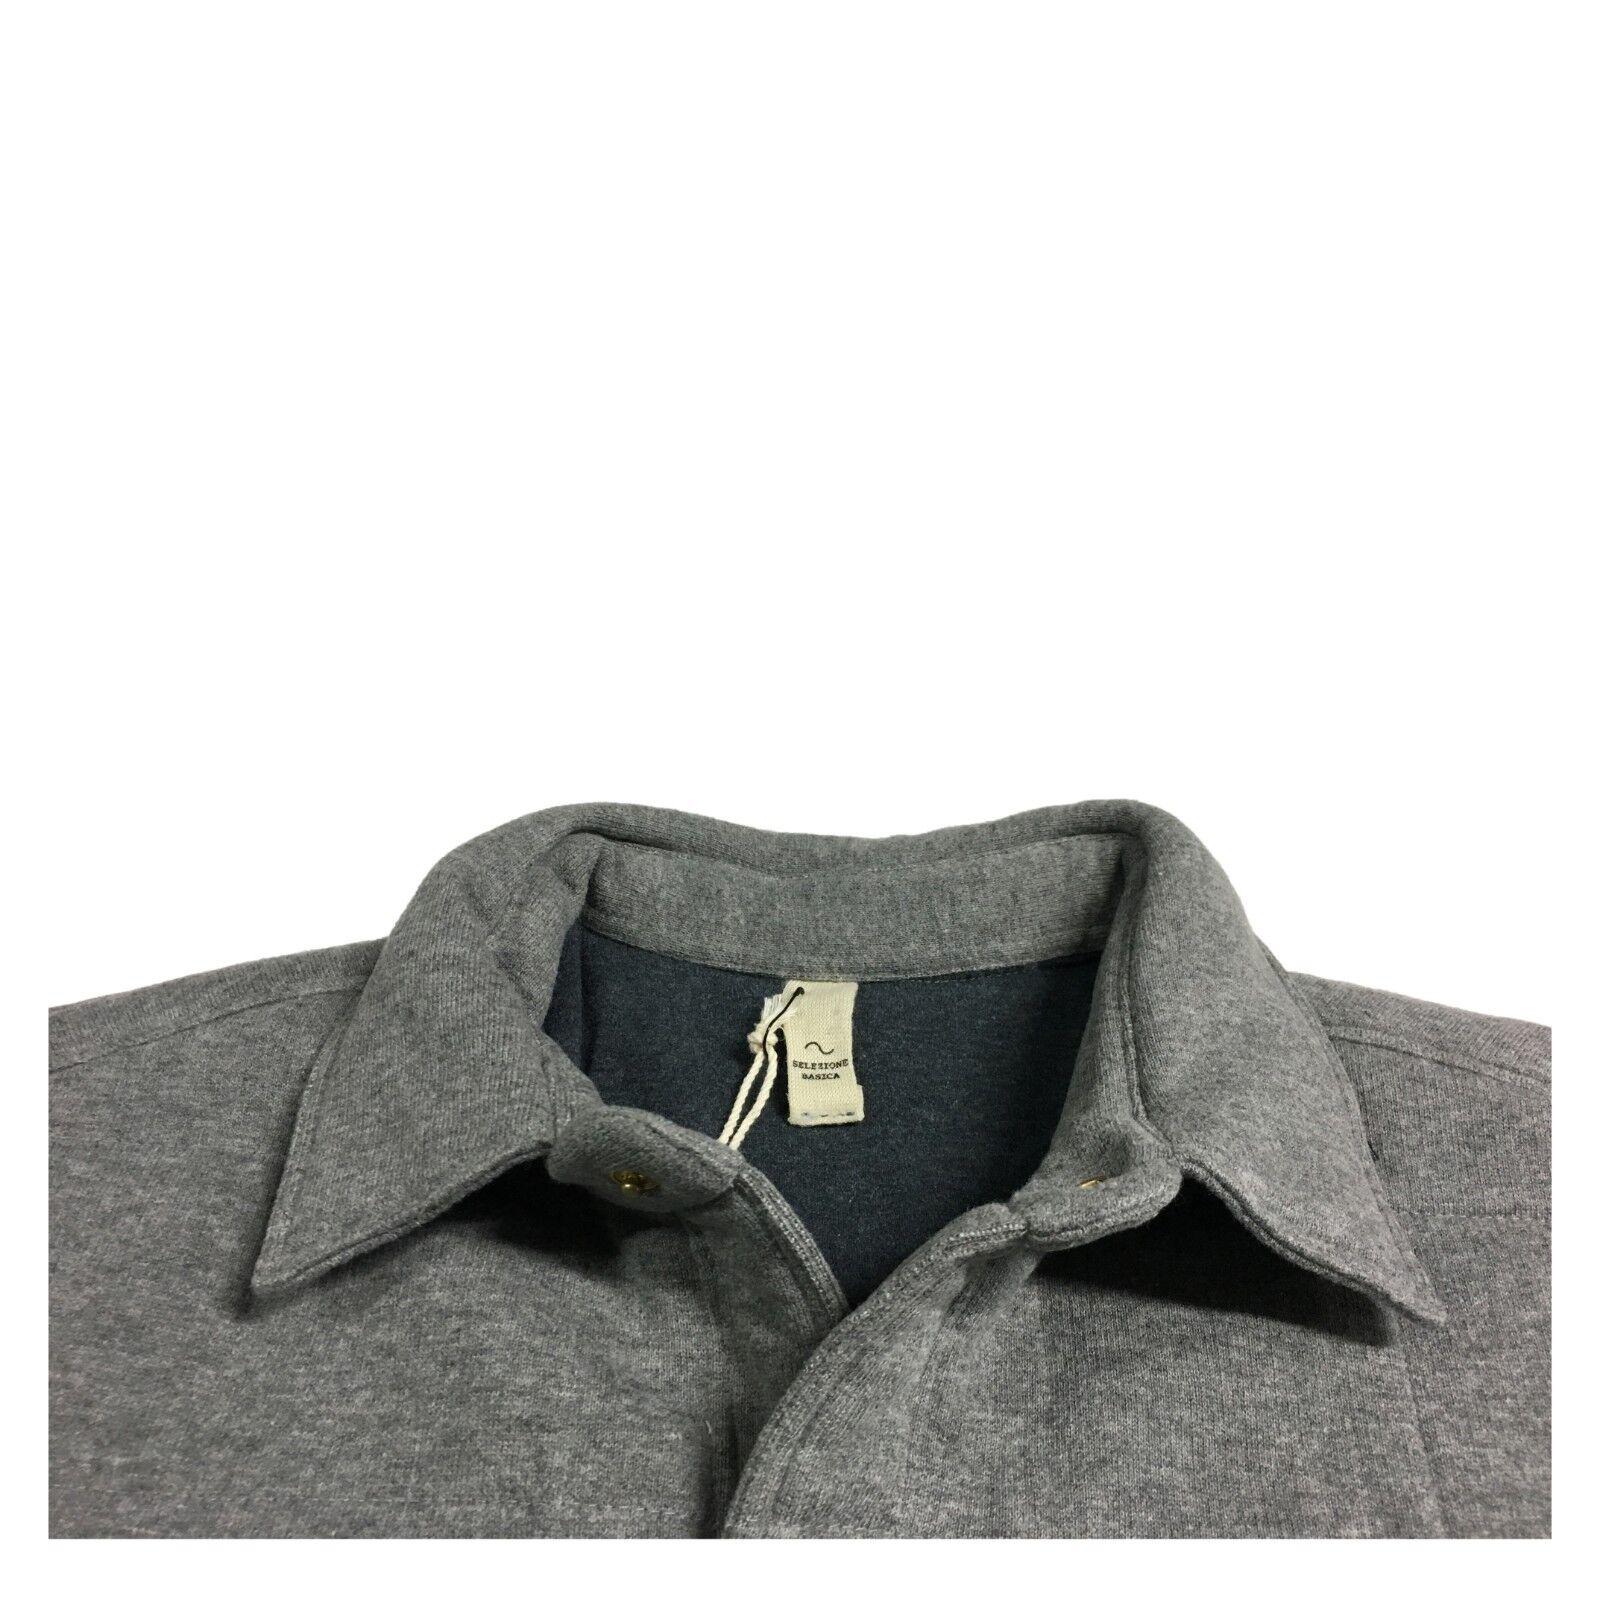 SELEZIONE BASICA giacca camicia grigio   doppiata grigio camicia SUW14203F06 MADE IN ITALY 64e3e5